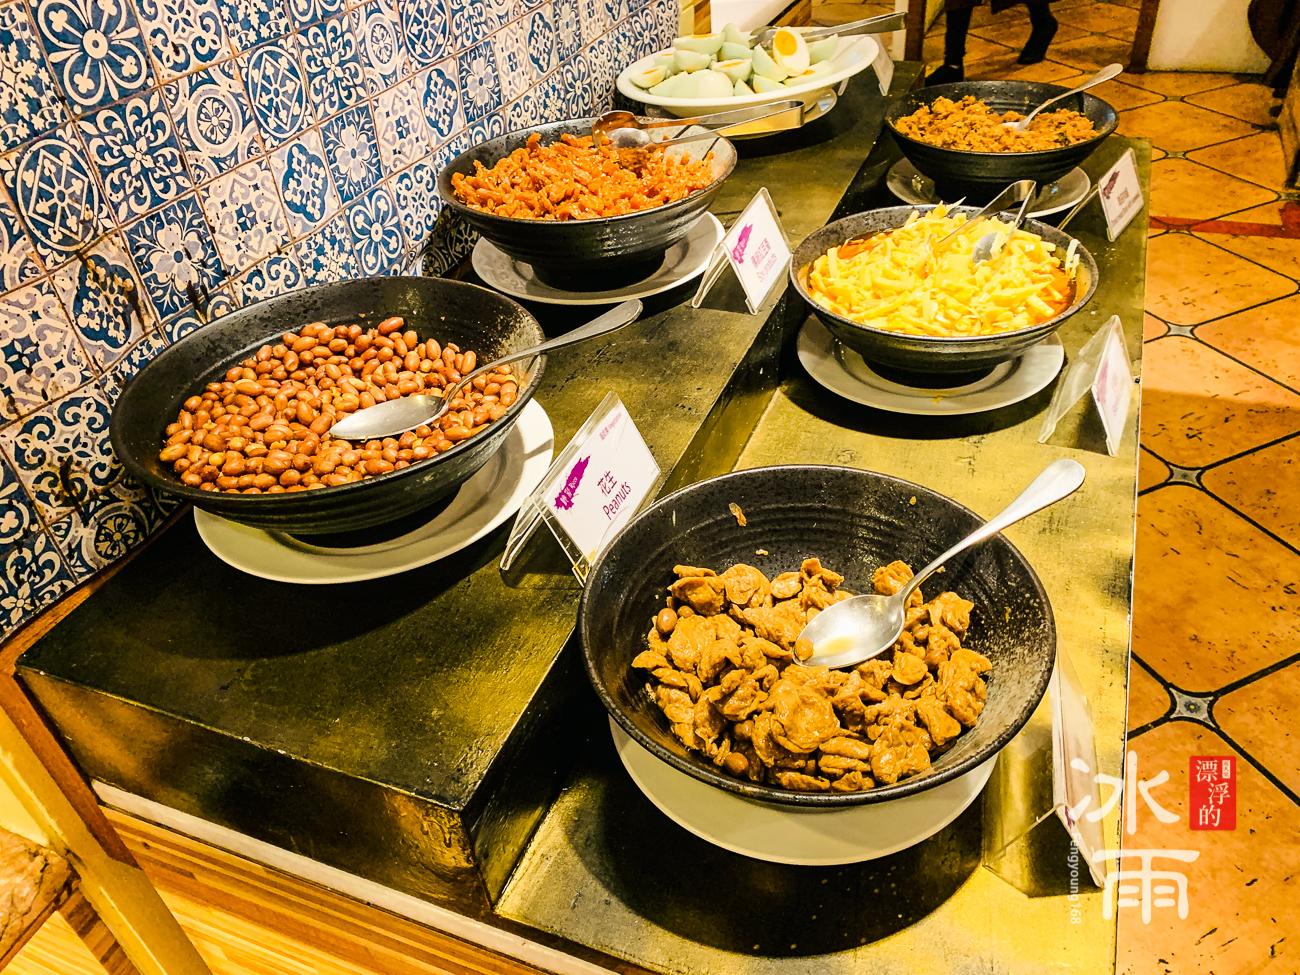 陽明山天籟溫泉會館|早餐菜色|稀飯區